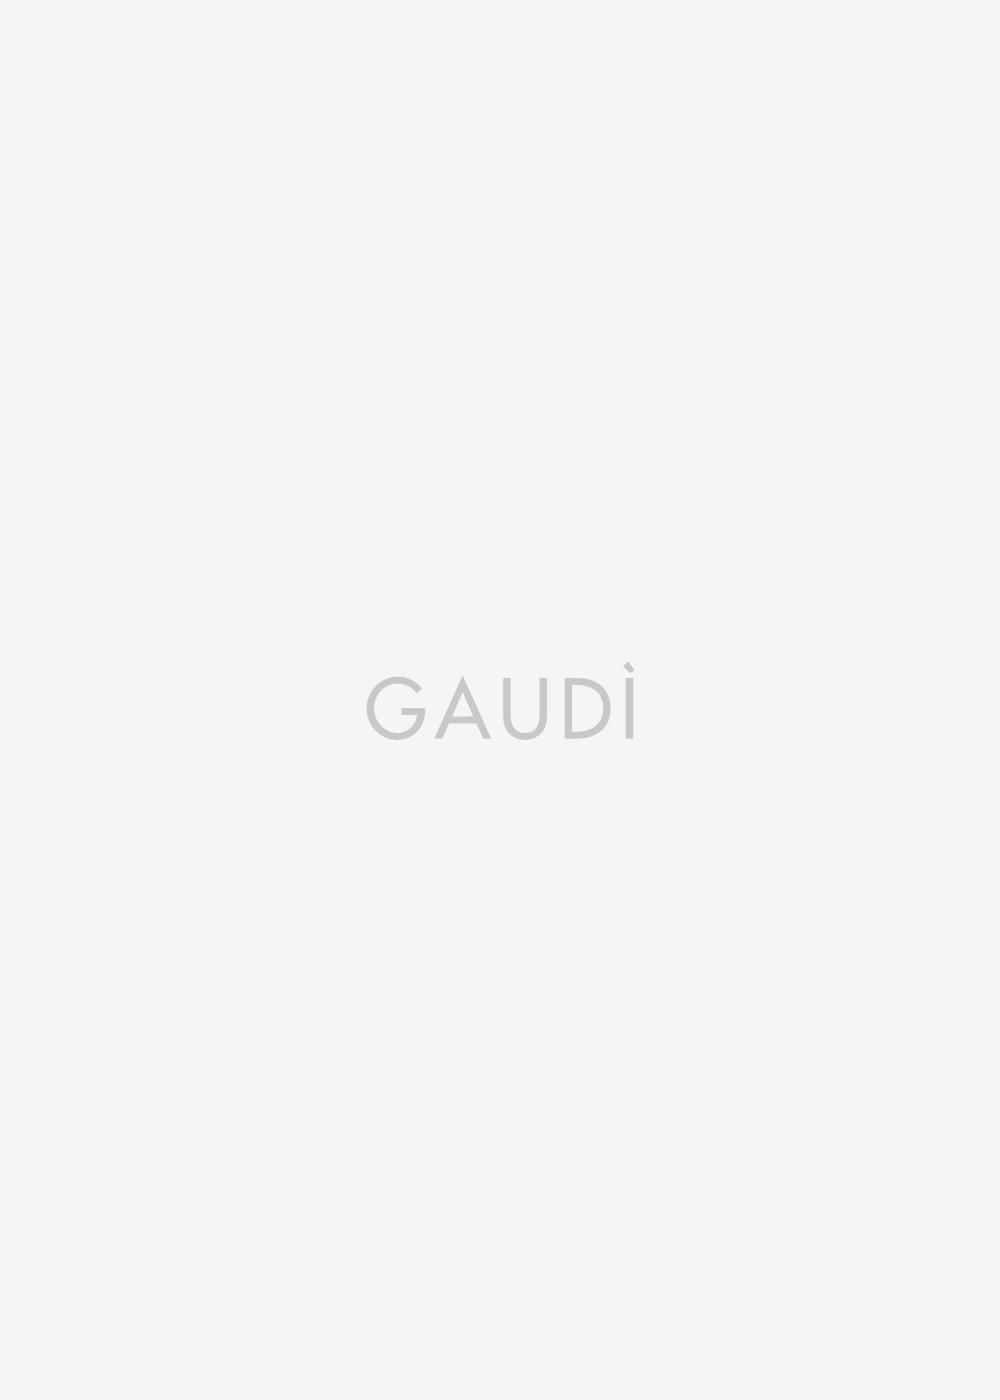 scarpe sportive 388af 8ab0e Abbigliamento uomo online casual ed elegante A/I 2019   Gaudì